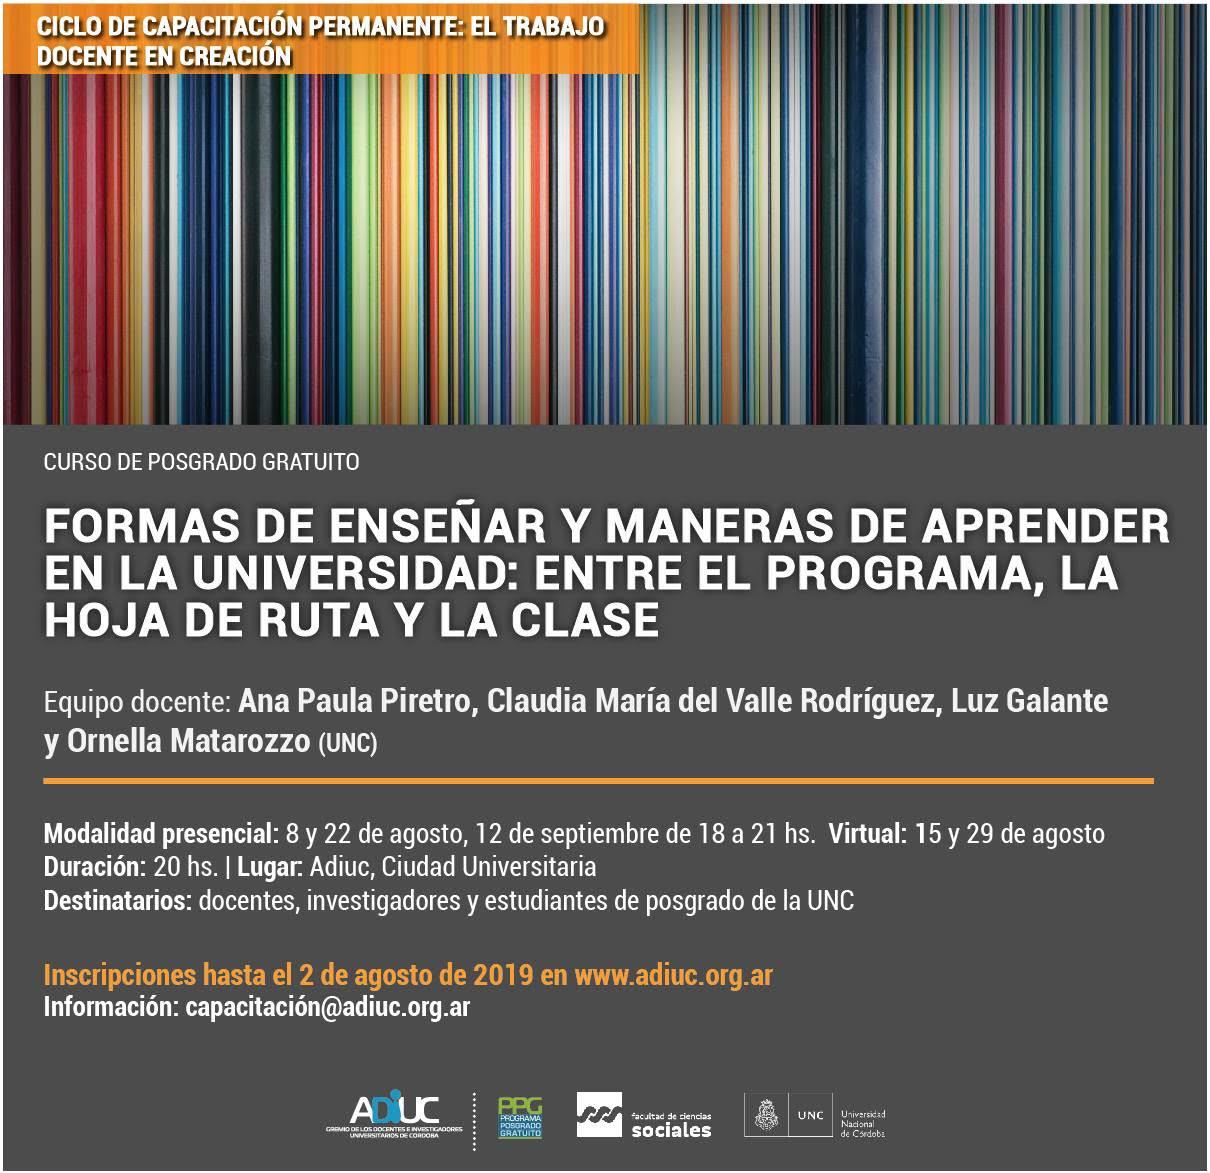 Formas De Enseñar Y Maneras De Aprender En La Universidad: Entre El Programa, La Hoja De Ruta Y La Clase